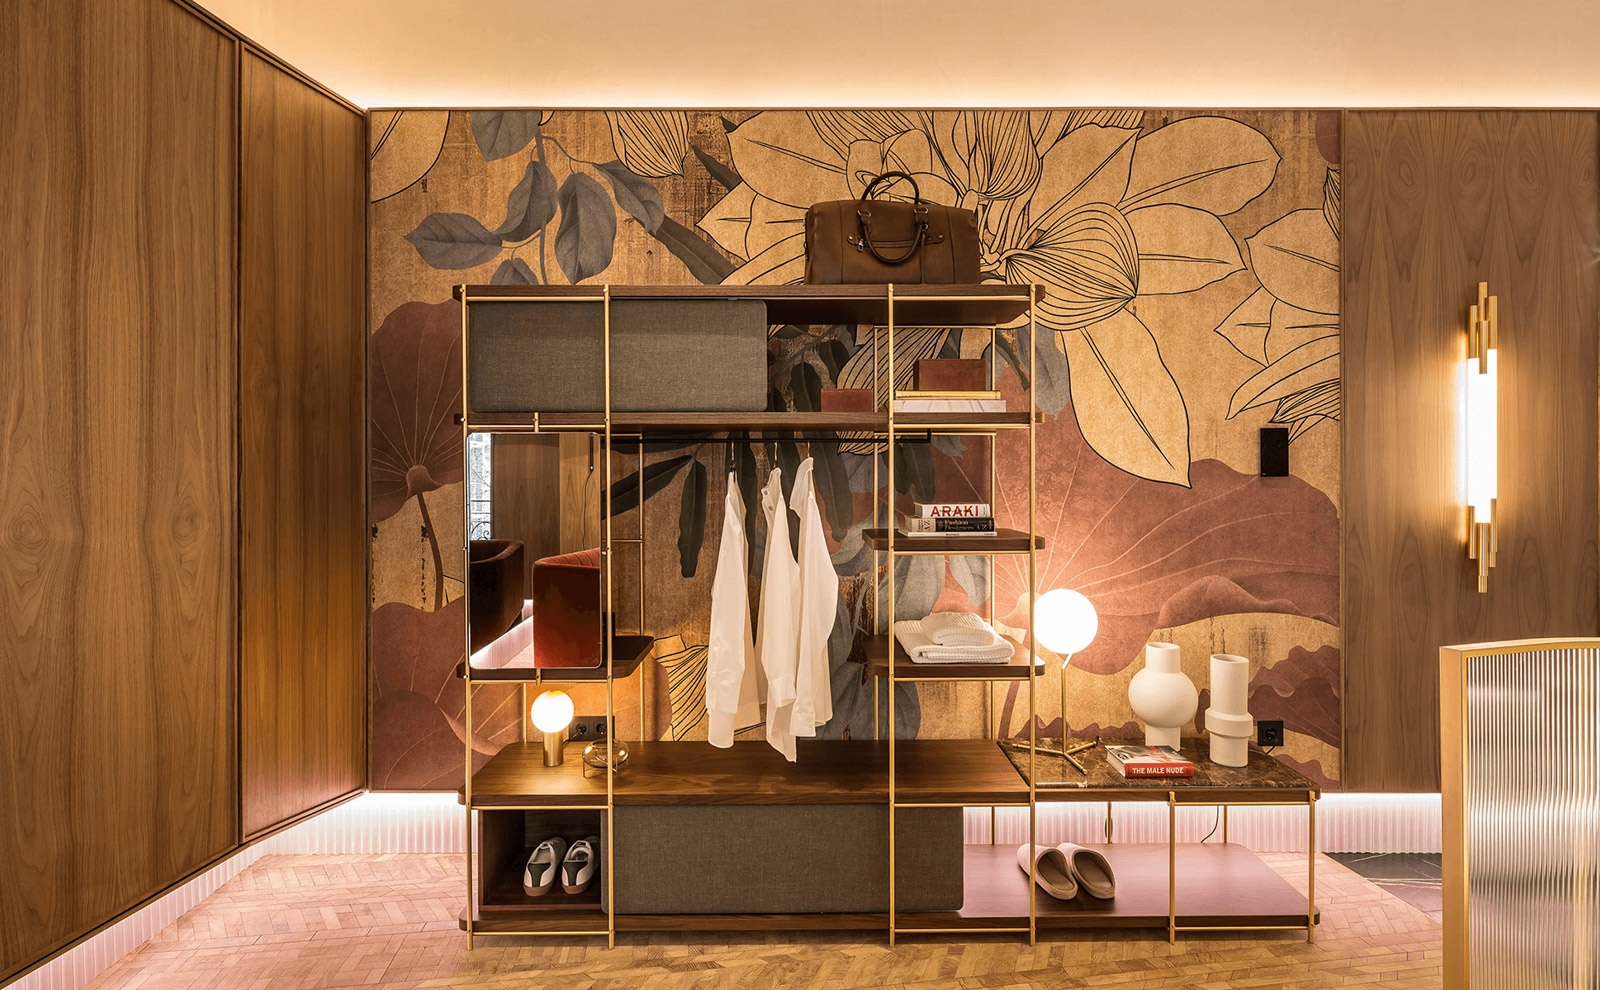 Natürliche Farbtöne und Materialien in der Luxus-Hotelsuite für die Casa Decor.